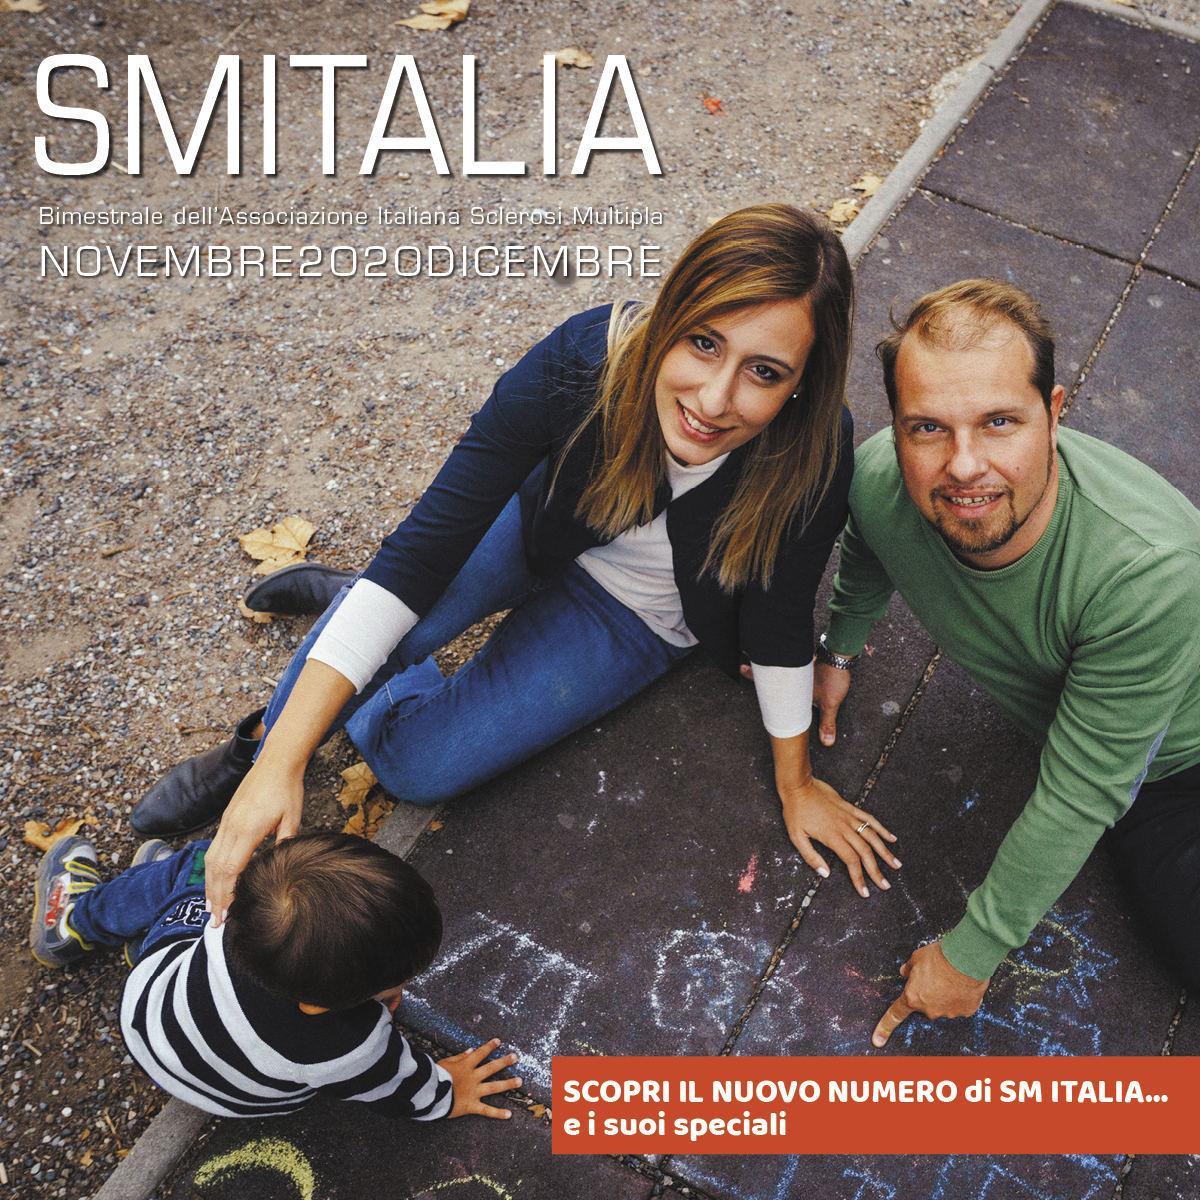 SM Italia 2 2020